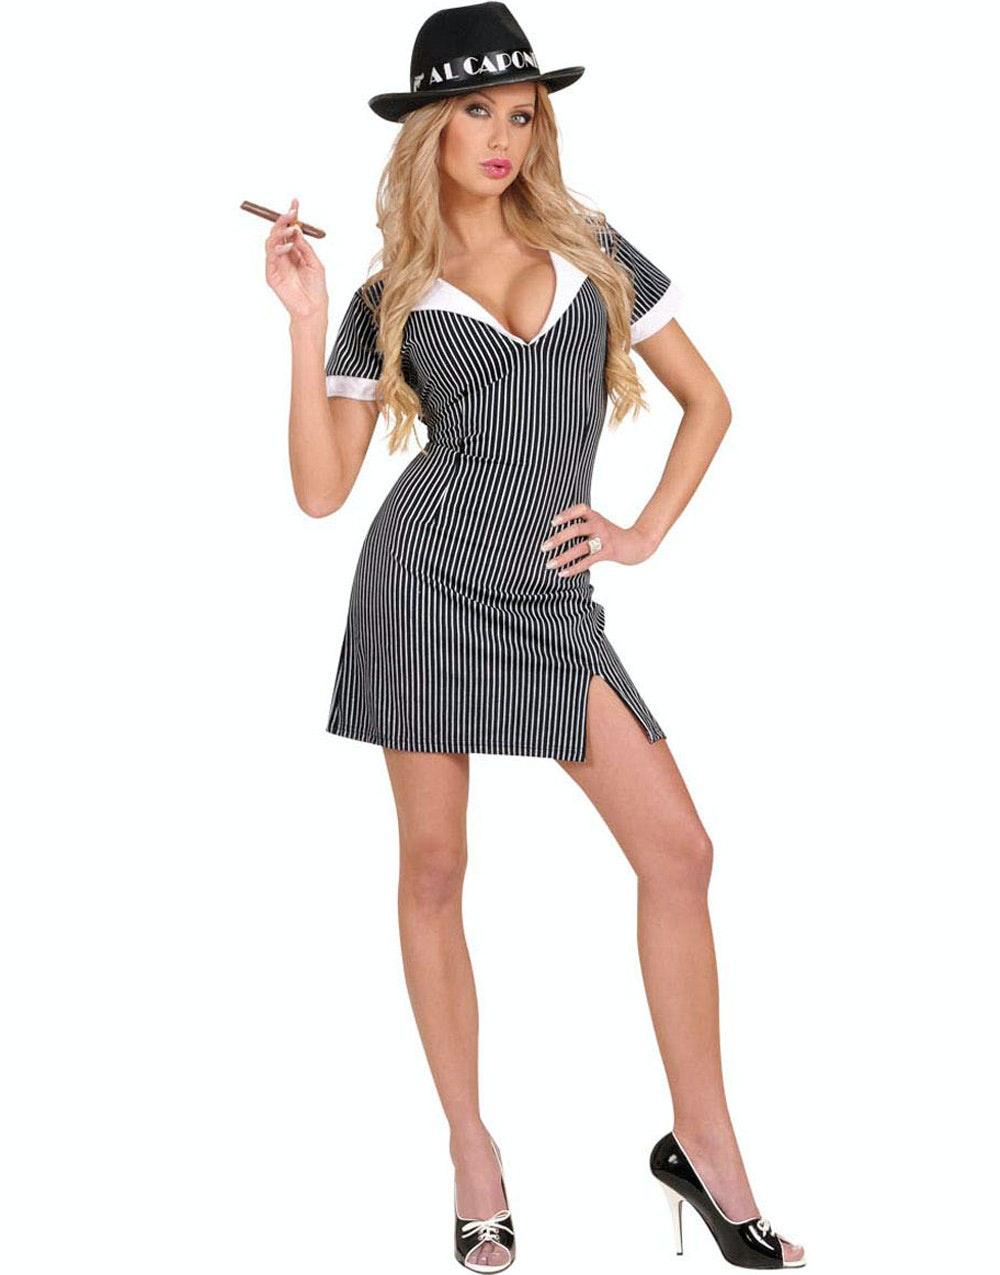 kostymer for voksne nettbutikk mann søker kvinne